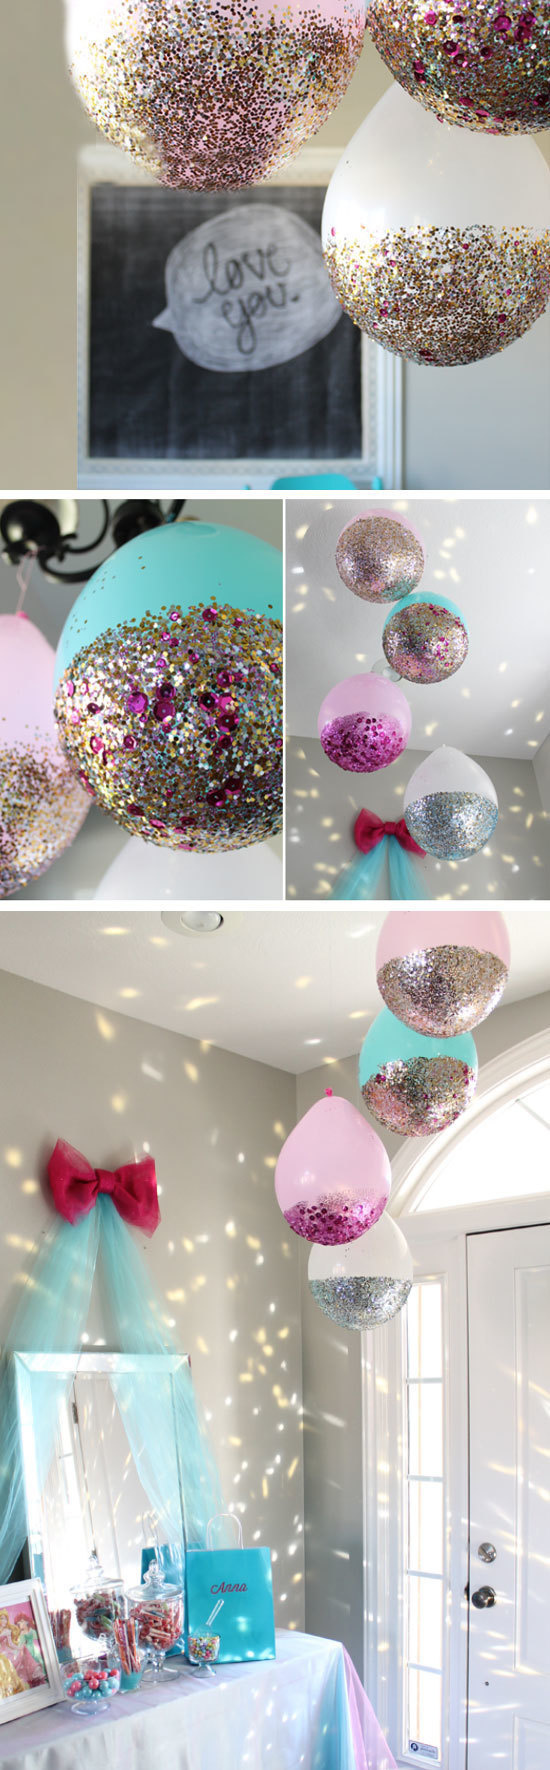 Idei de organizare a unei petreceri memorabile de Revelion - Poza 13